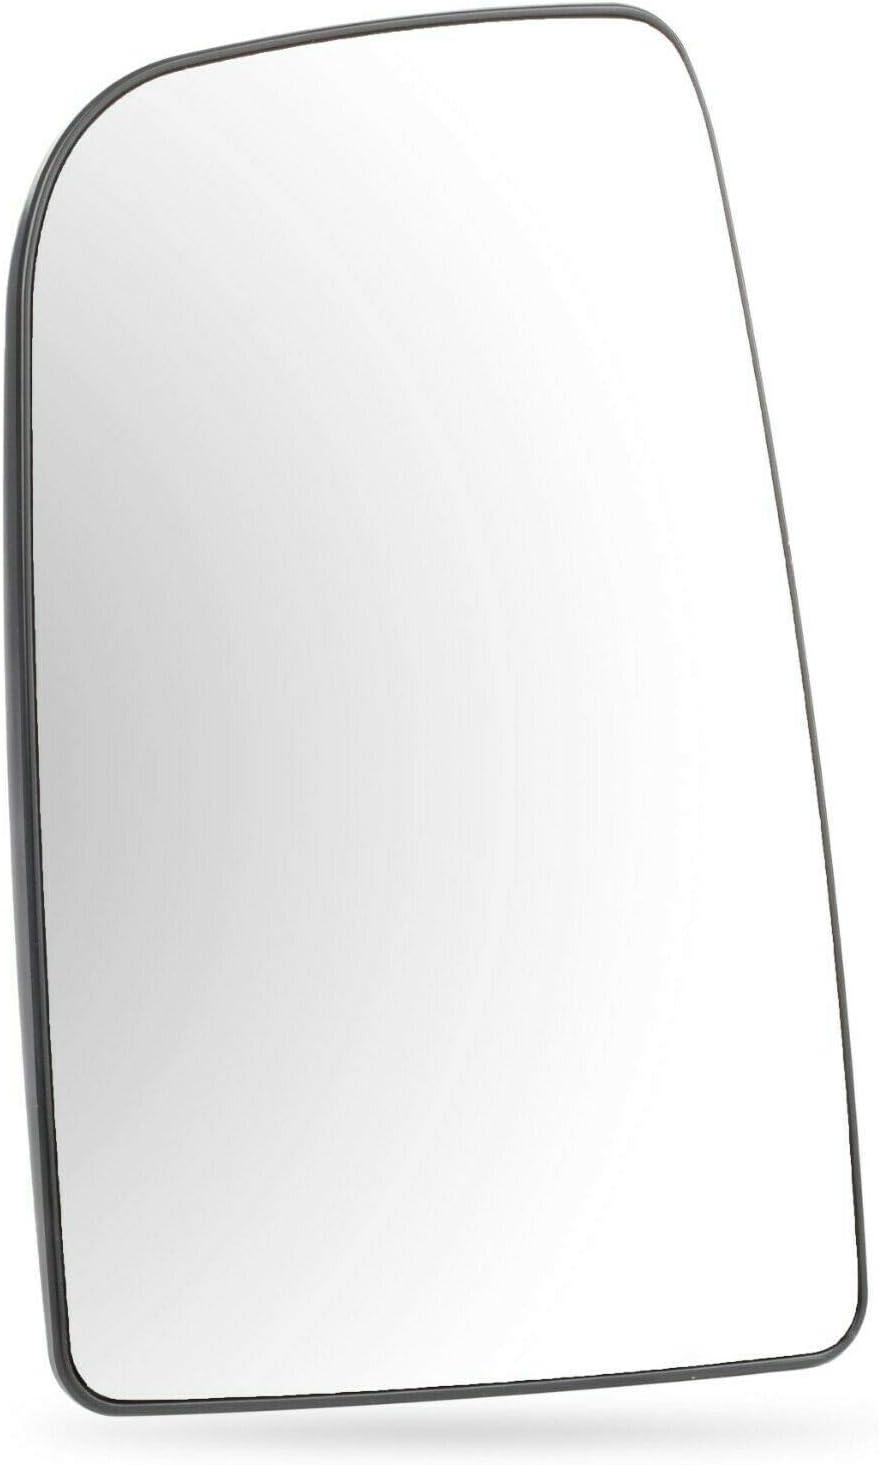 Seitenspiegel Au/ßenspiegel Glas Spiegelglas Links Fahrerseite f/ür Sprinter 2006 Crafter 2005